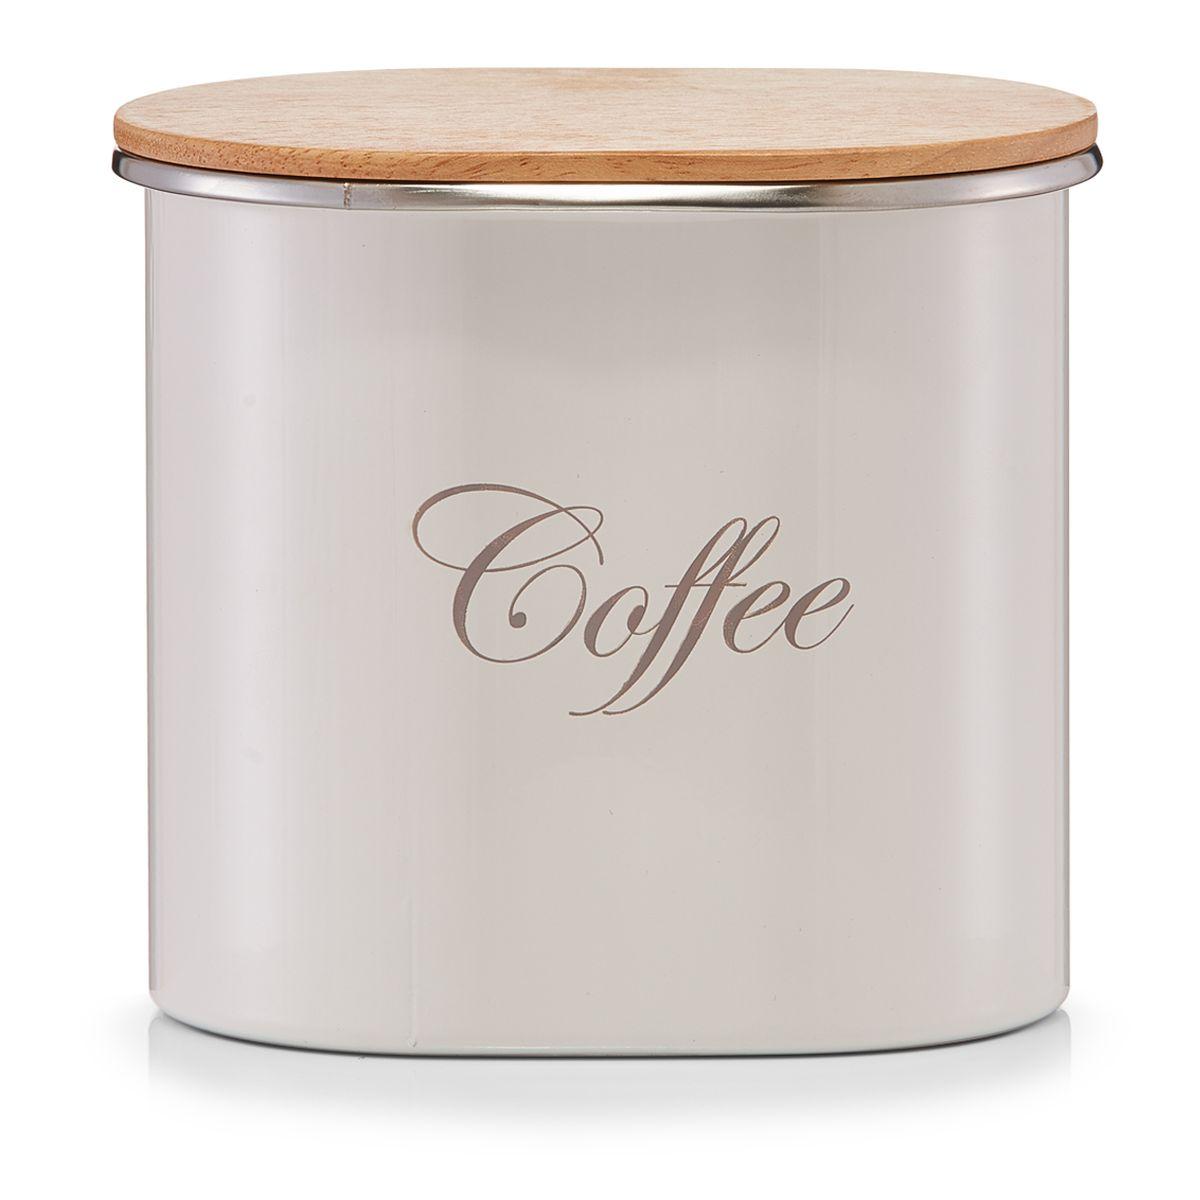 Банка для хранения Zeller Coffe, 15 х 11 х 13,5 смVT-1520(SR)Банка Zeller Coffee, выполненная из металла, снабжена деревянной крышкой, которая плотно и герметично закрывается, дольше сохраняя аромат и свежесть содержимого. Изделие предназначено для хранения любого вида кофе. Стильная и практичная, такая банка станет незаменимым аксессуаром на любой кухне.